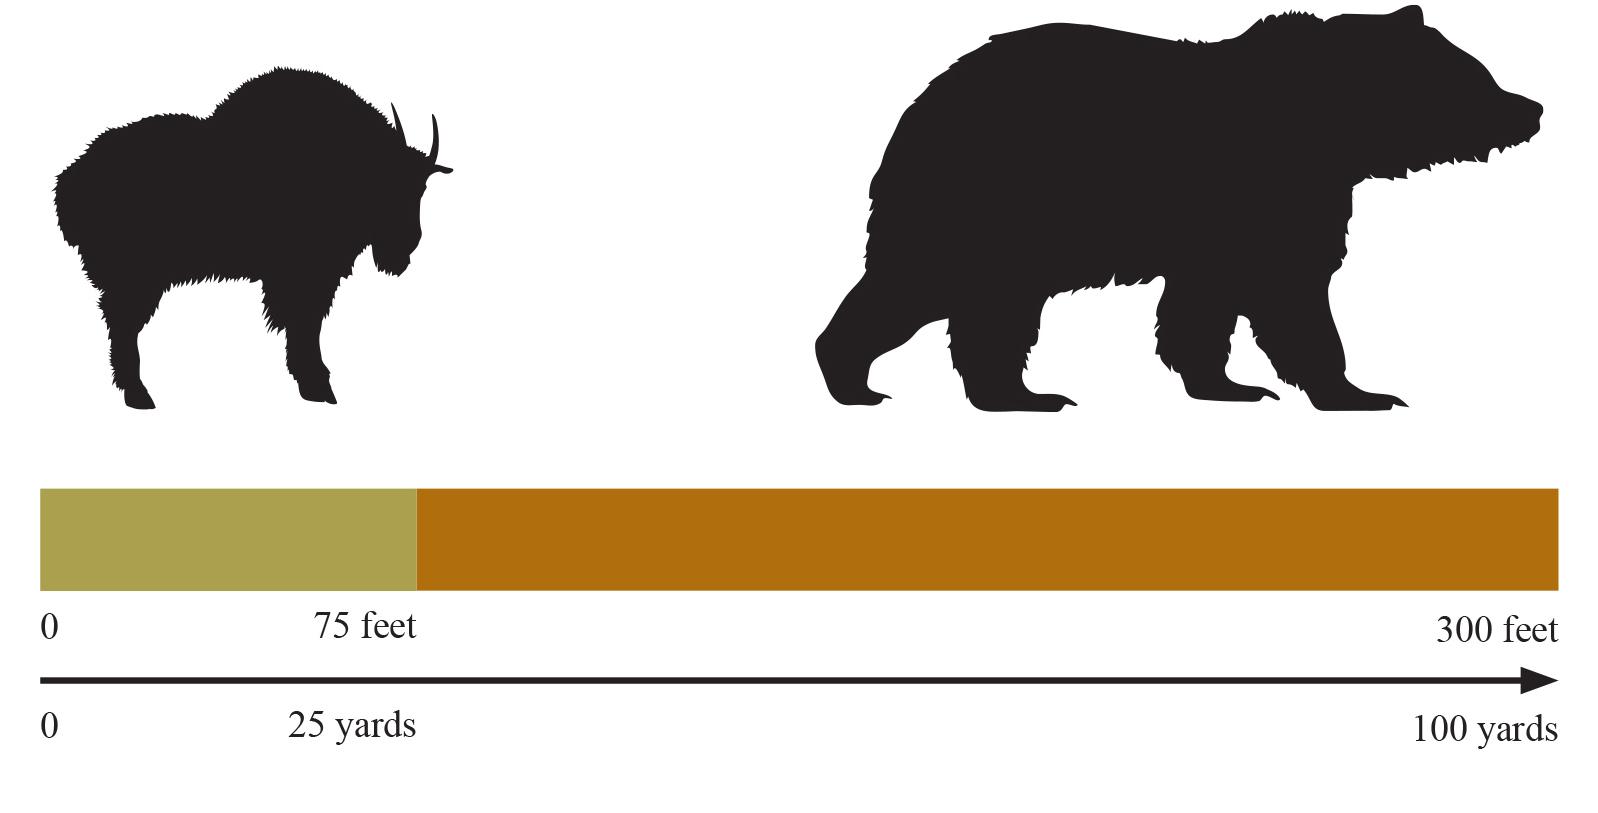 349ca18e589 Bear Safety - Glacier National Park (U.S. National Park Service)